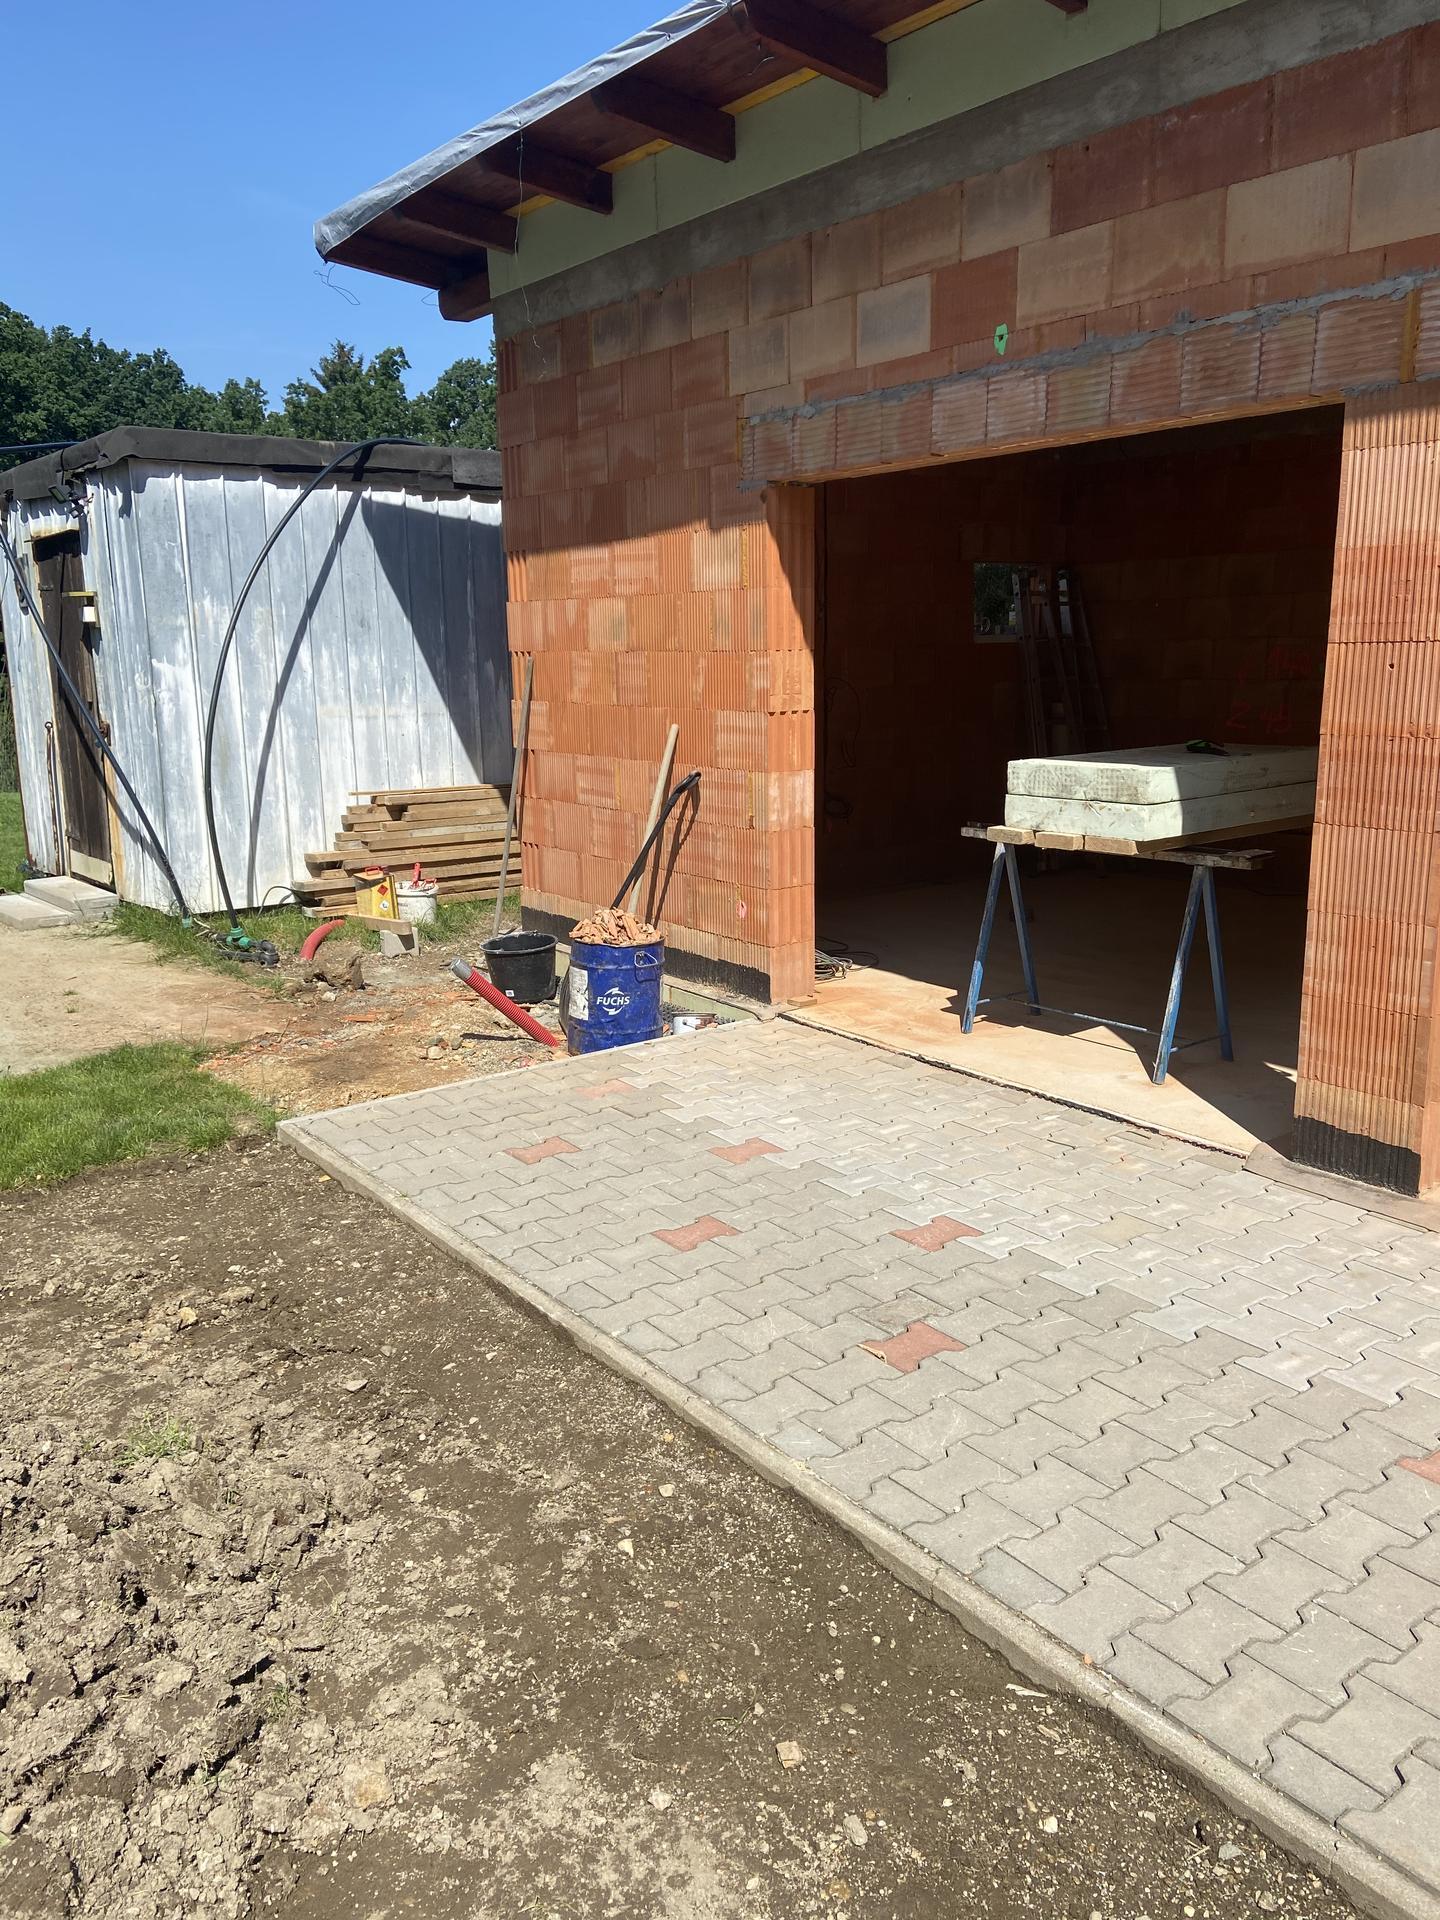 zahradní zděný domek - stará stavební buňka bude muset ještě zůstat, než se doladí vnitřek, objednají se okna, vrata, dveře a střecha.... Takže musím ještě počkat než tato strana bude dokončená.